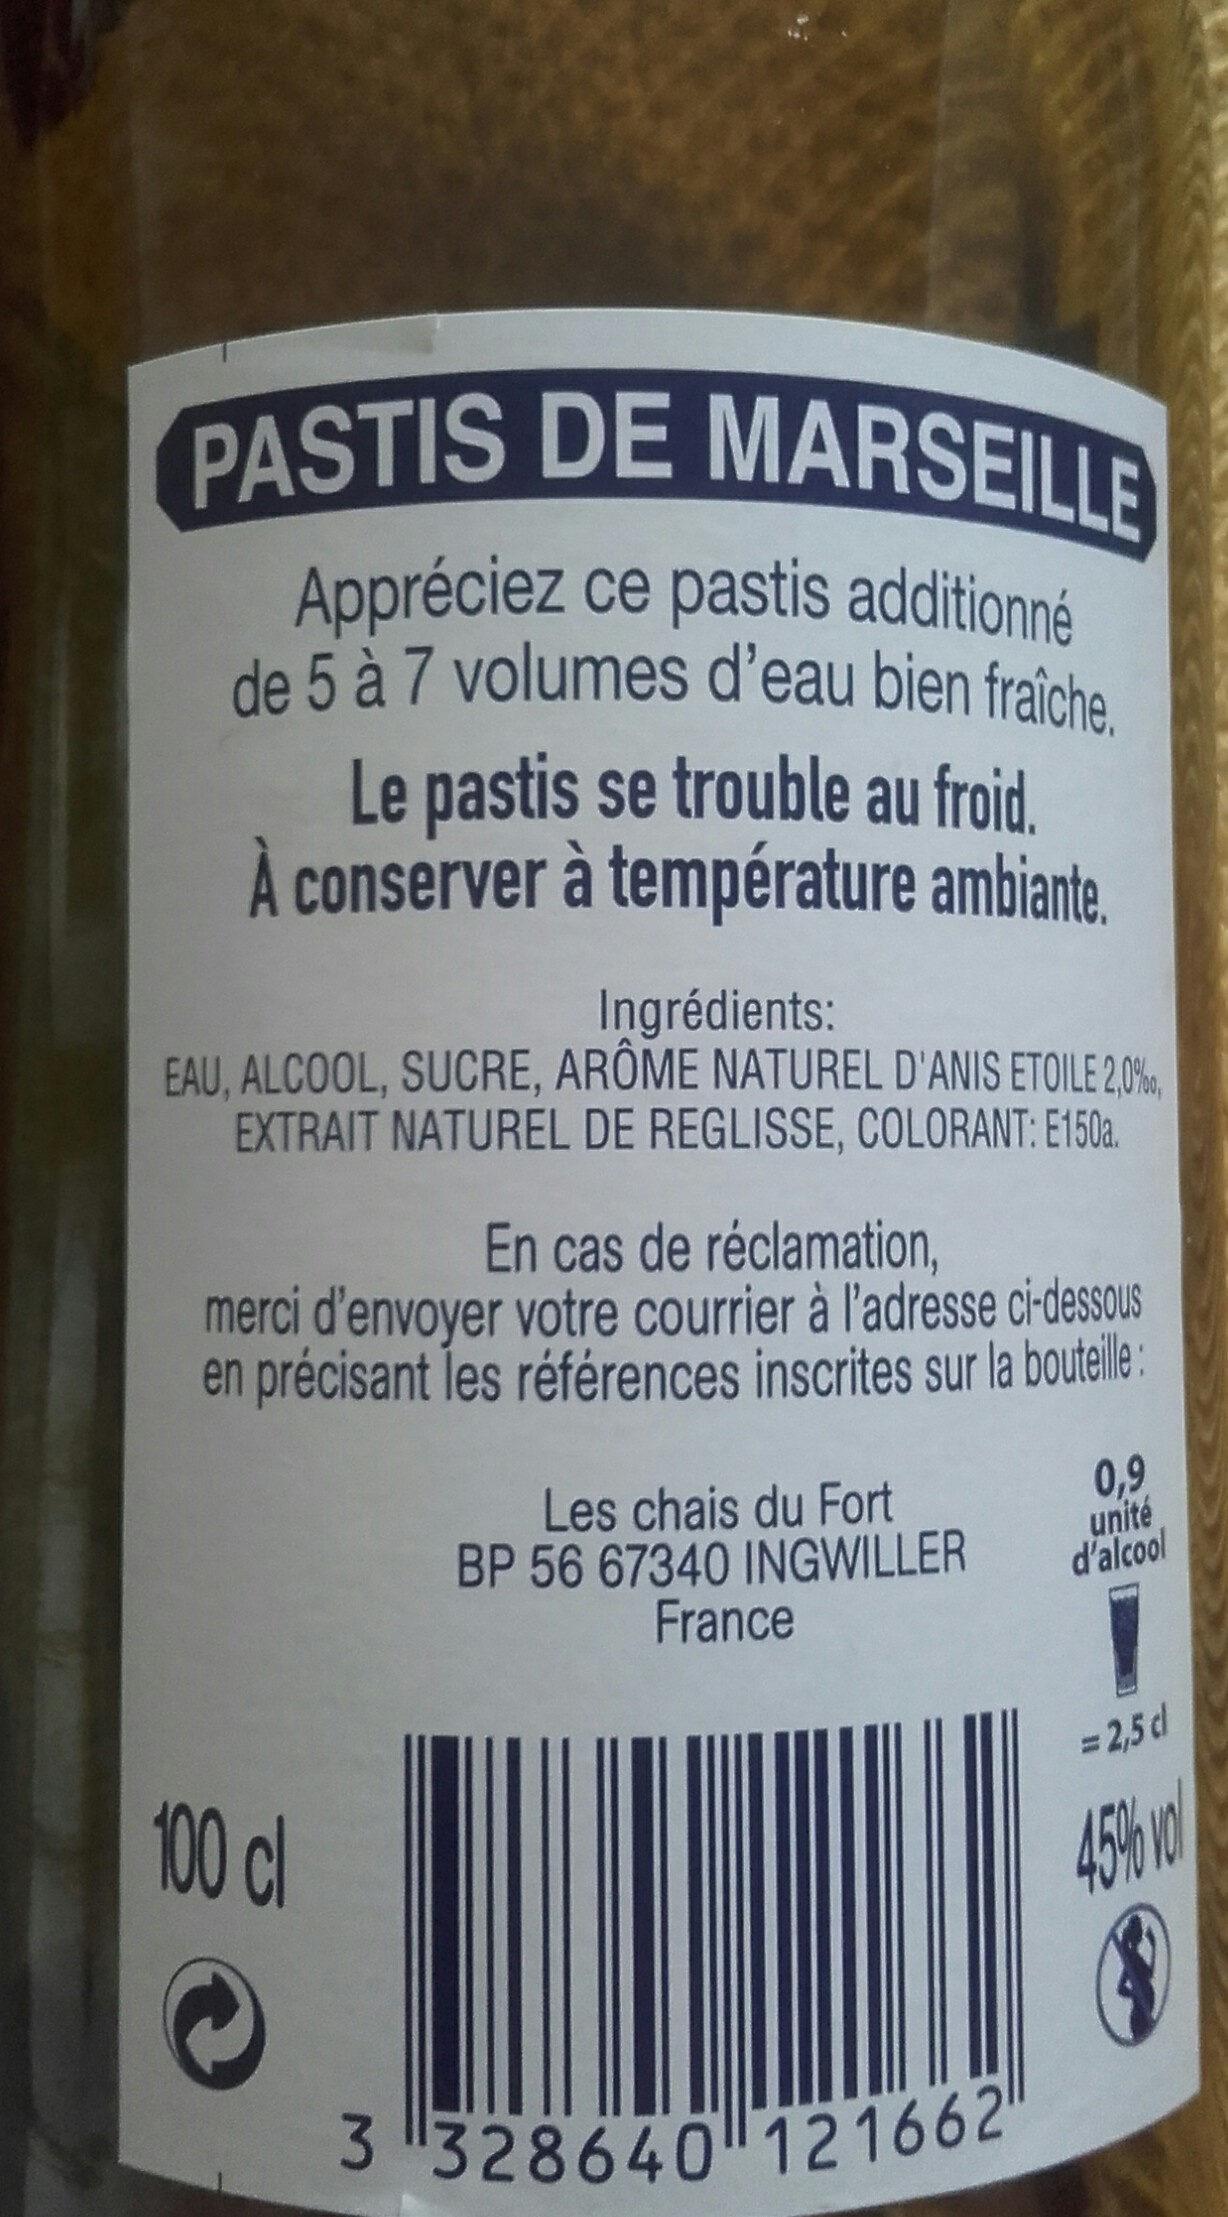 Pastis 100 cl - Prodotto - fr